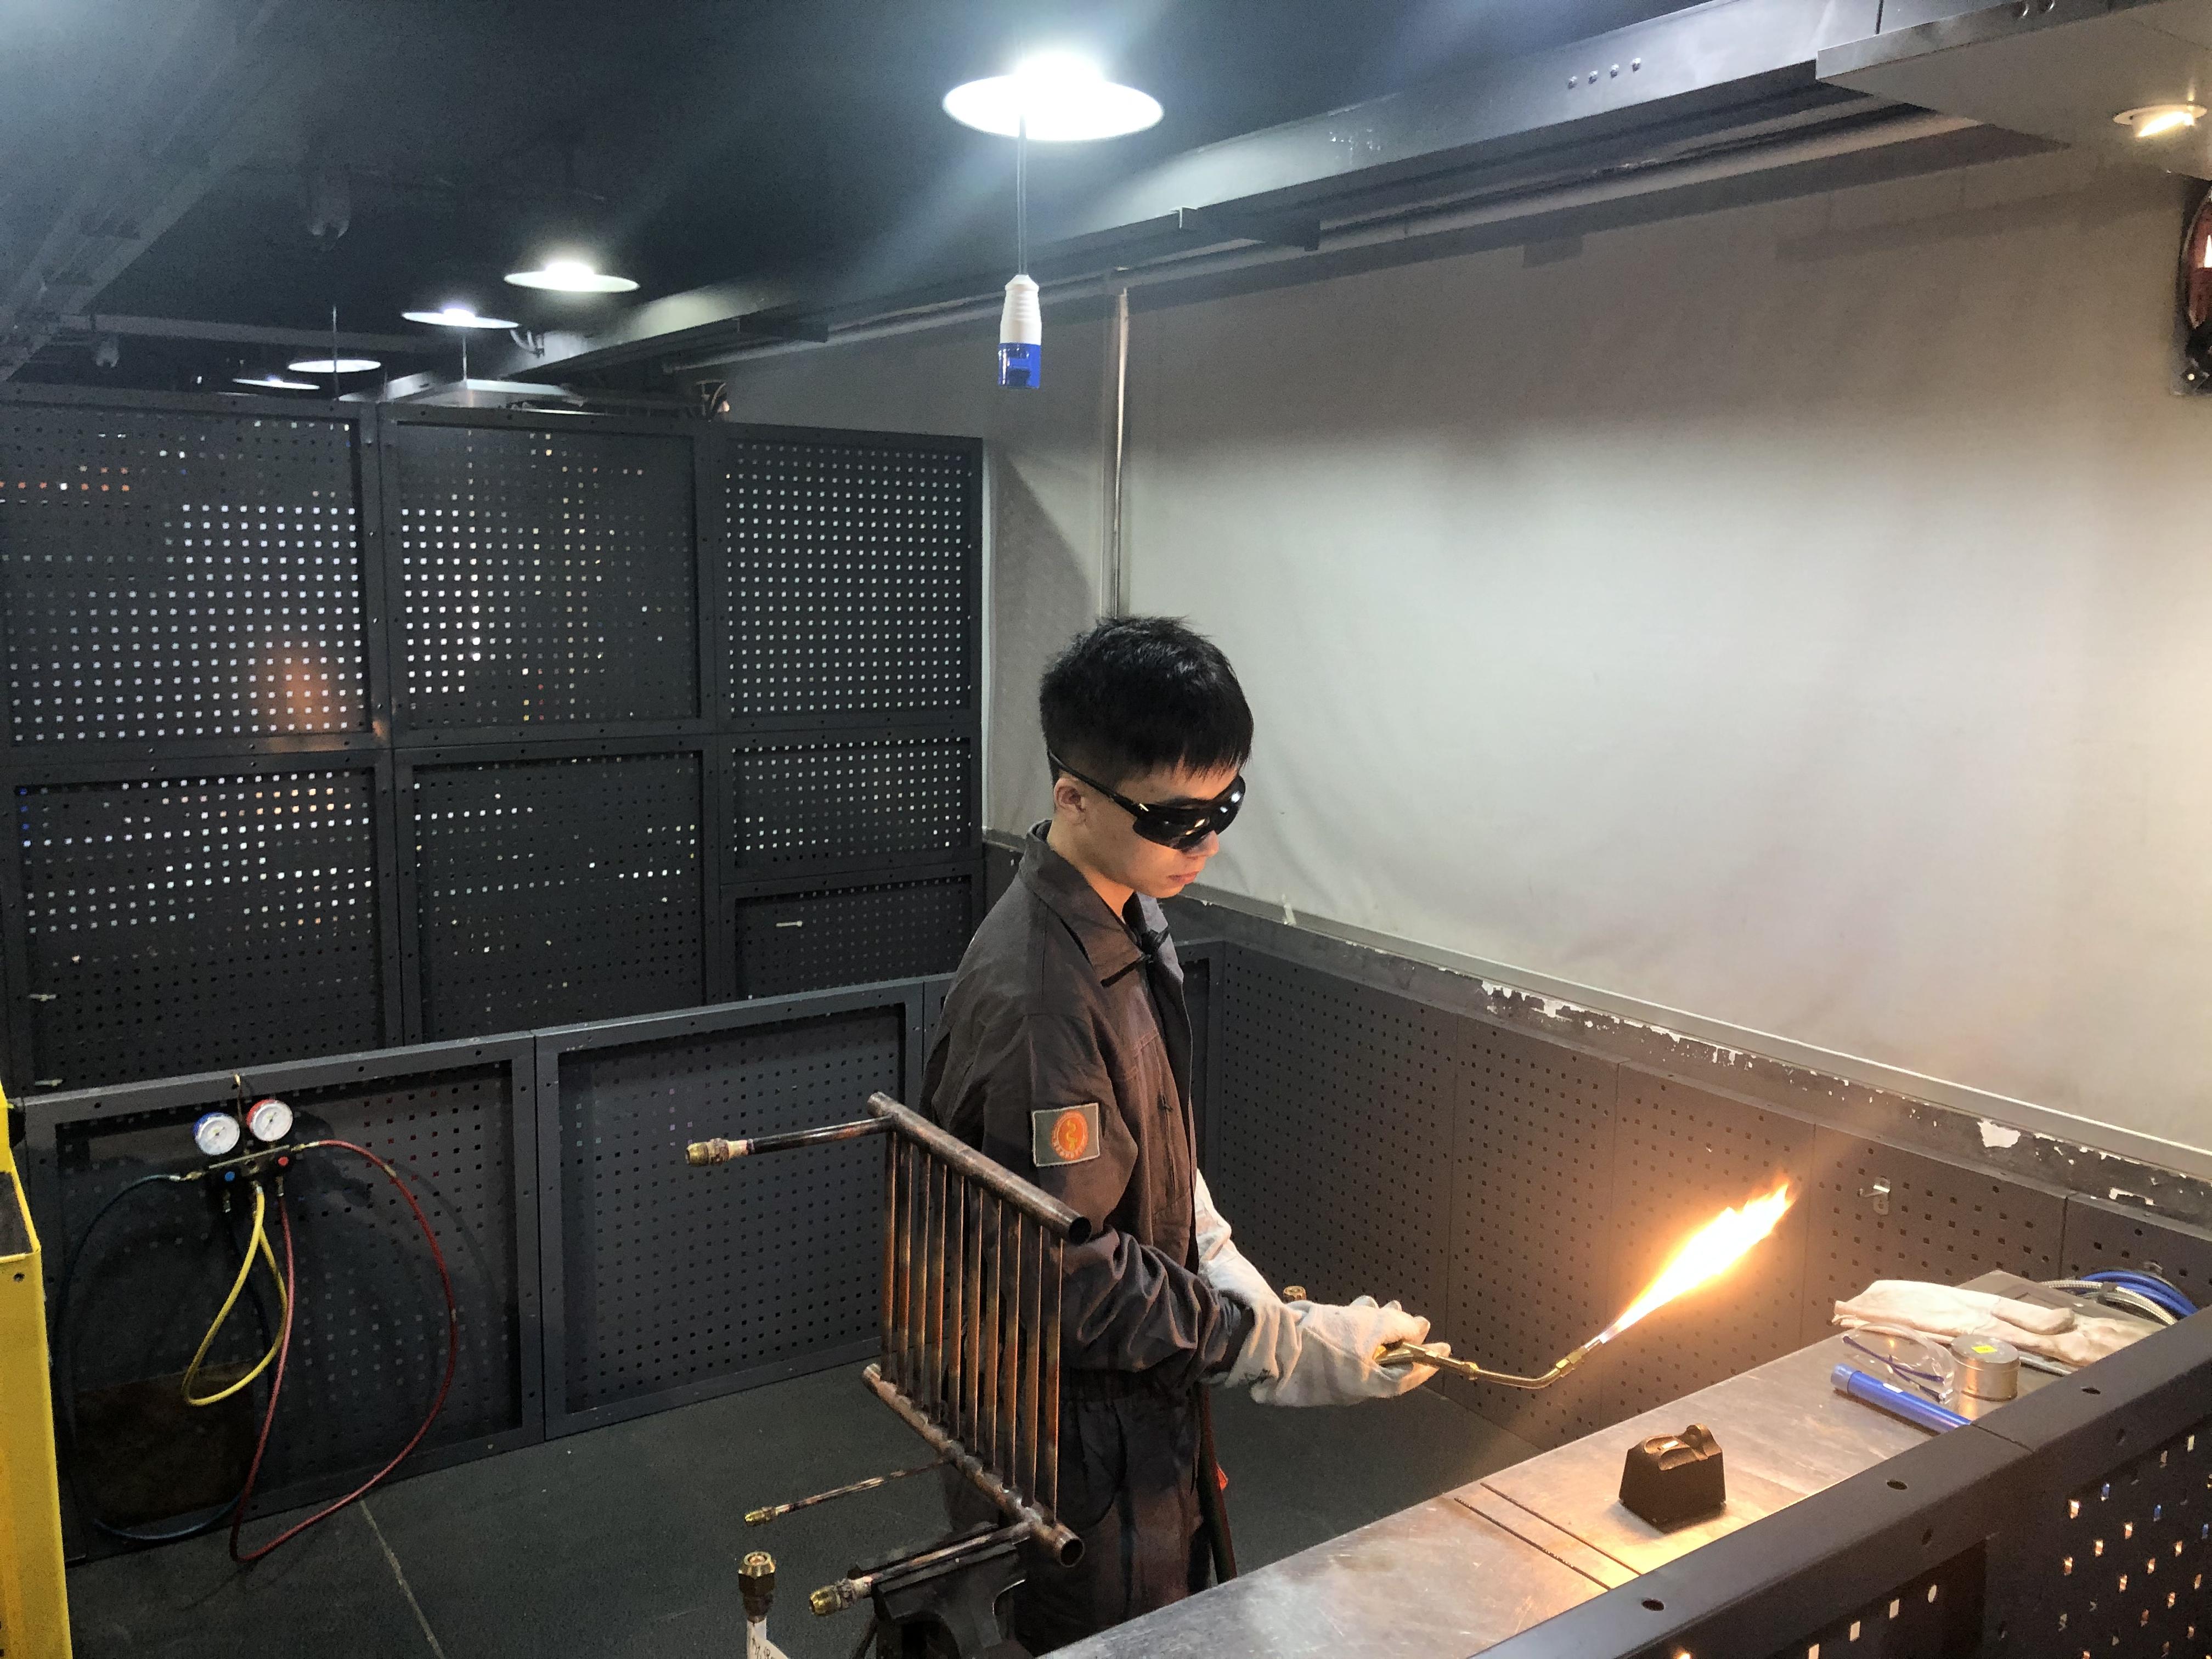 18岁的阮康正在基地进行焊接训练